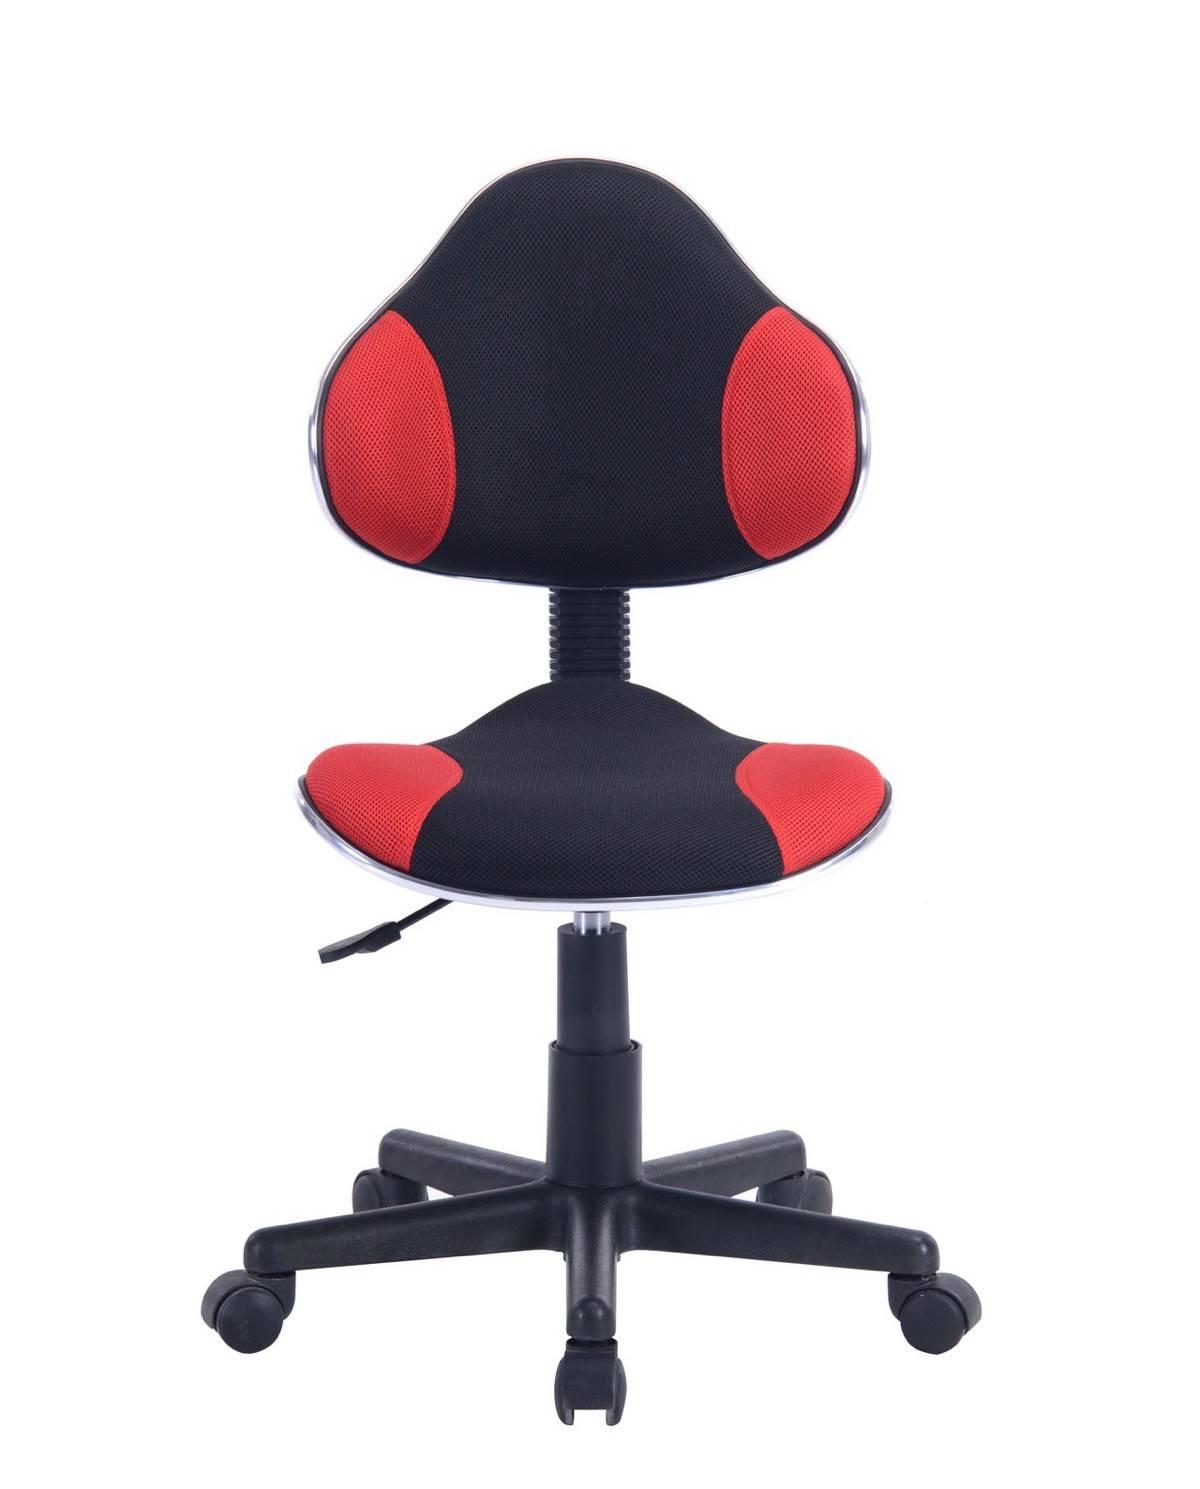 Lab chaise dactylo enfant for Chaise enfant pas cher